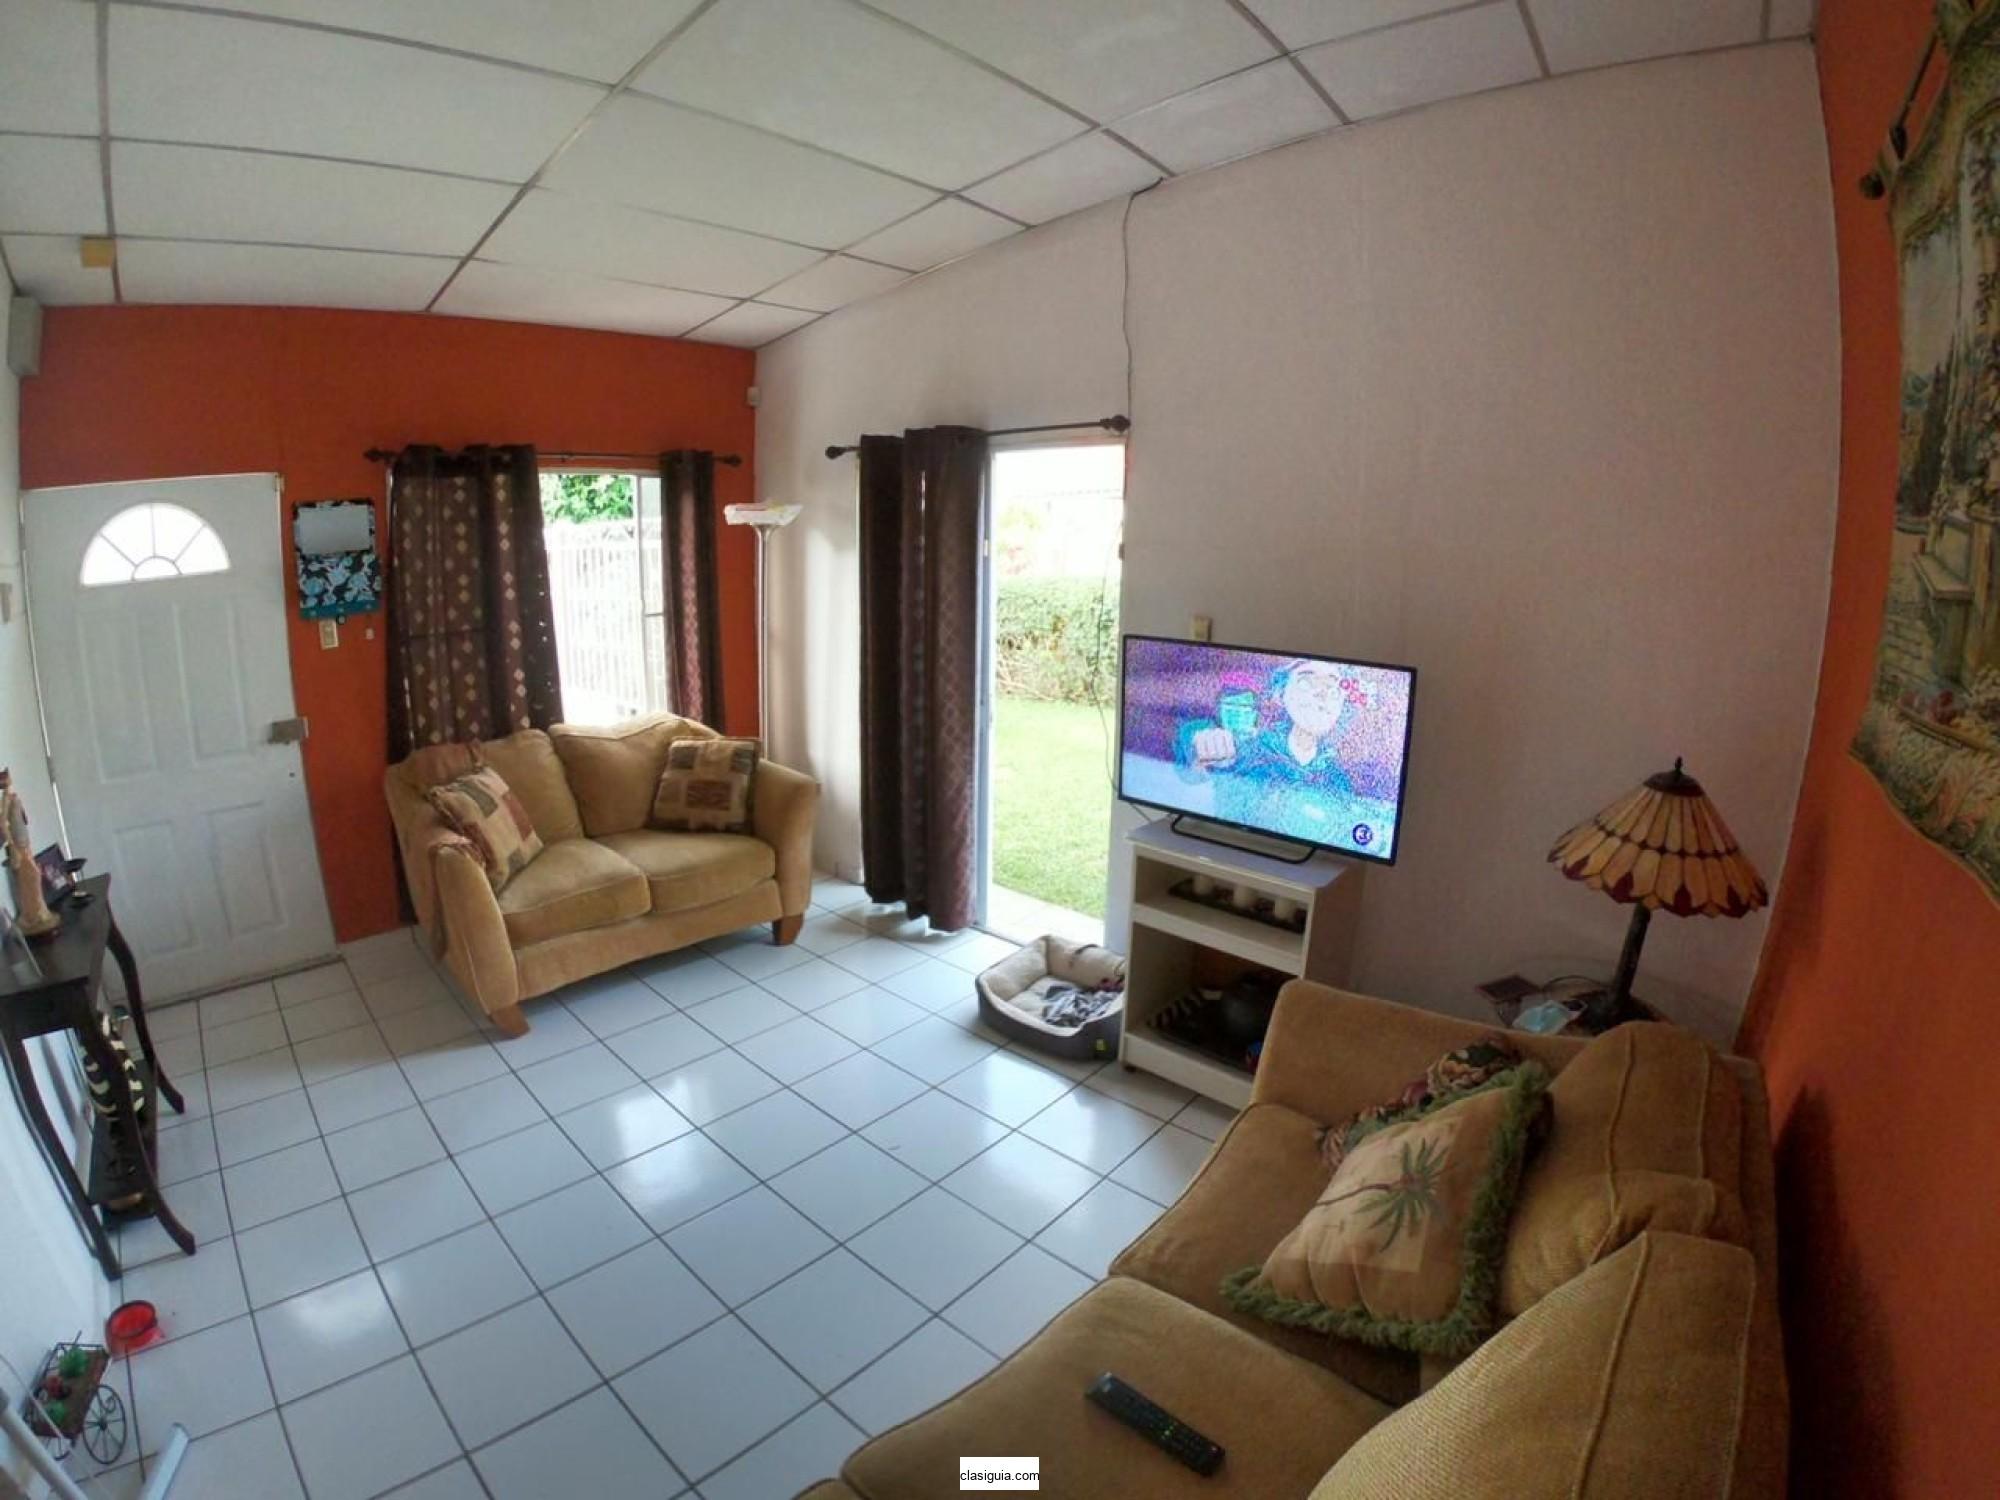 Vendo casa en privado Resid. Sevilla 1, Ciudad Real, Santa Ana